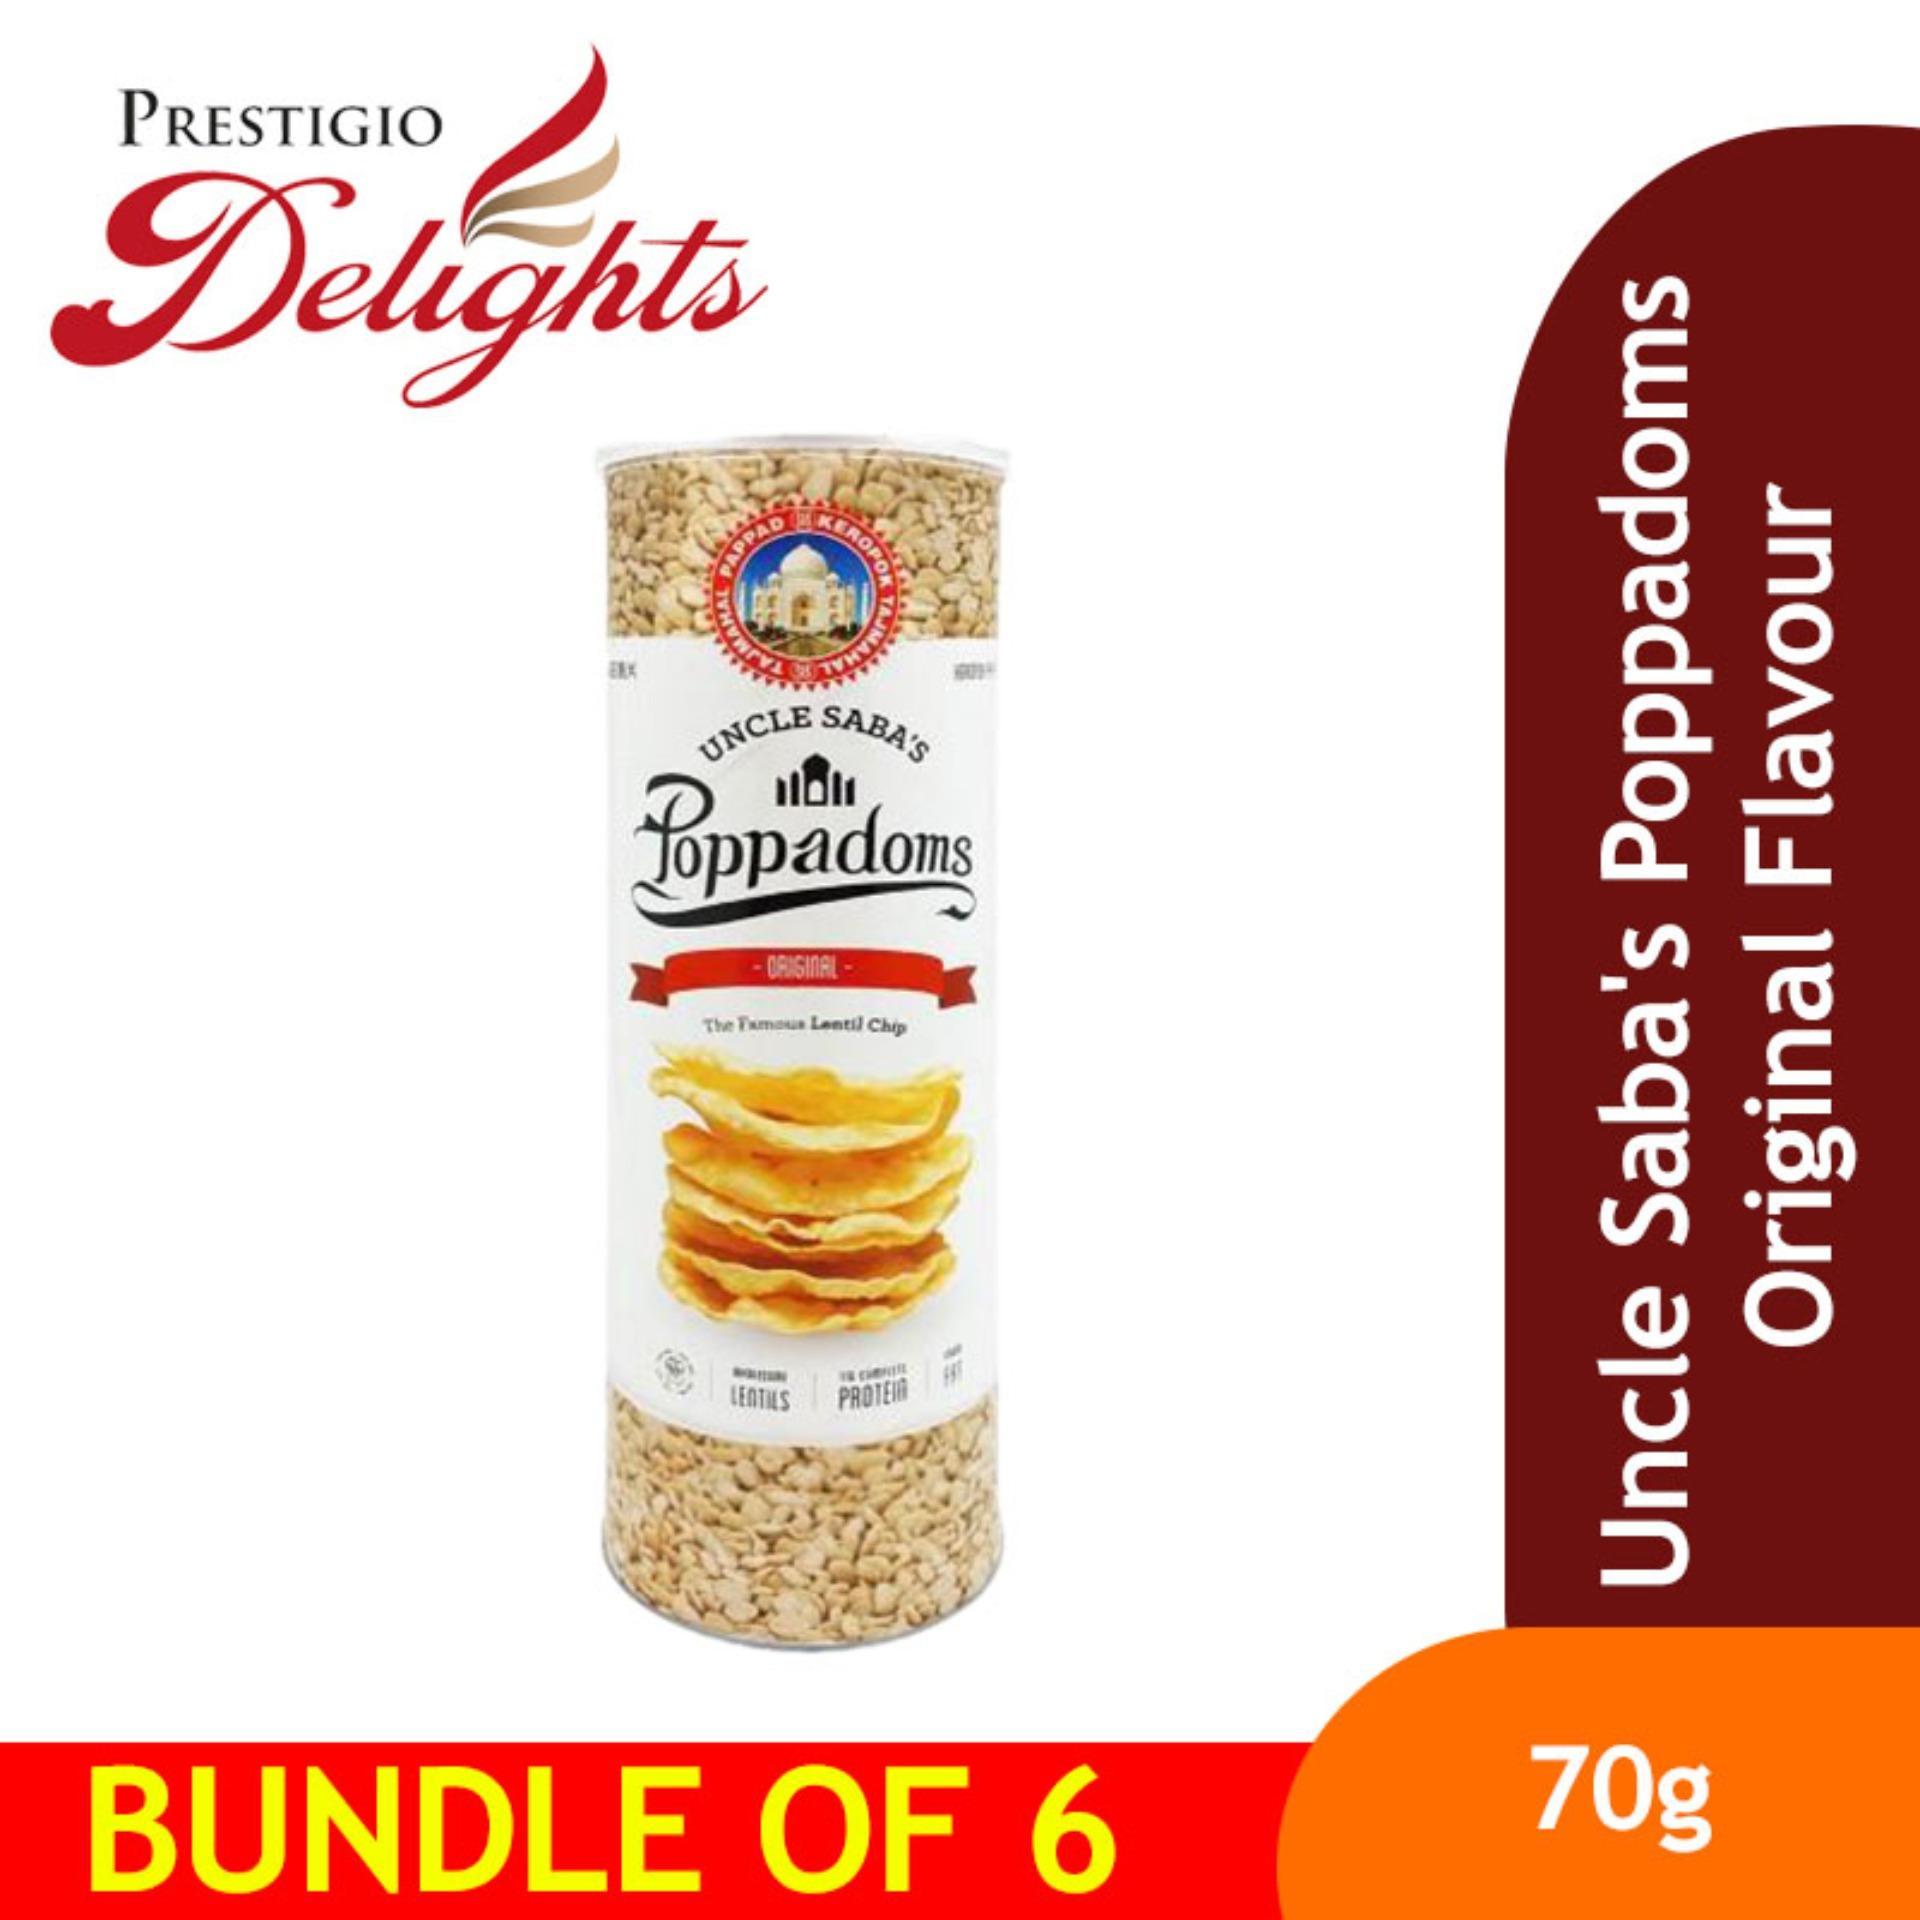 Uncle Sabas Poppadoms Original Flavour Bundle Of 6 By Prestigio Delights.